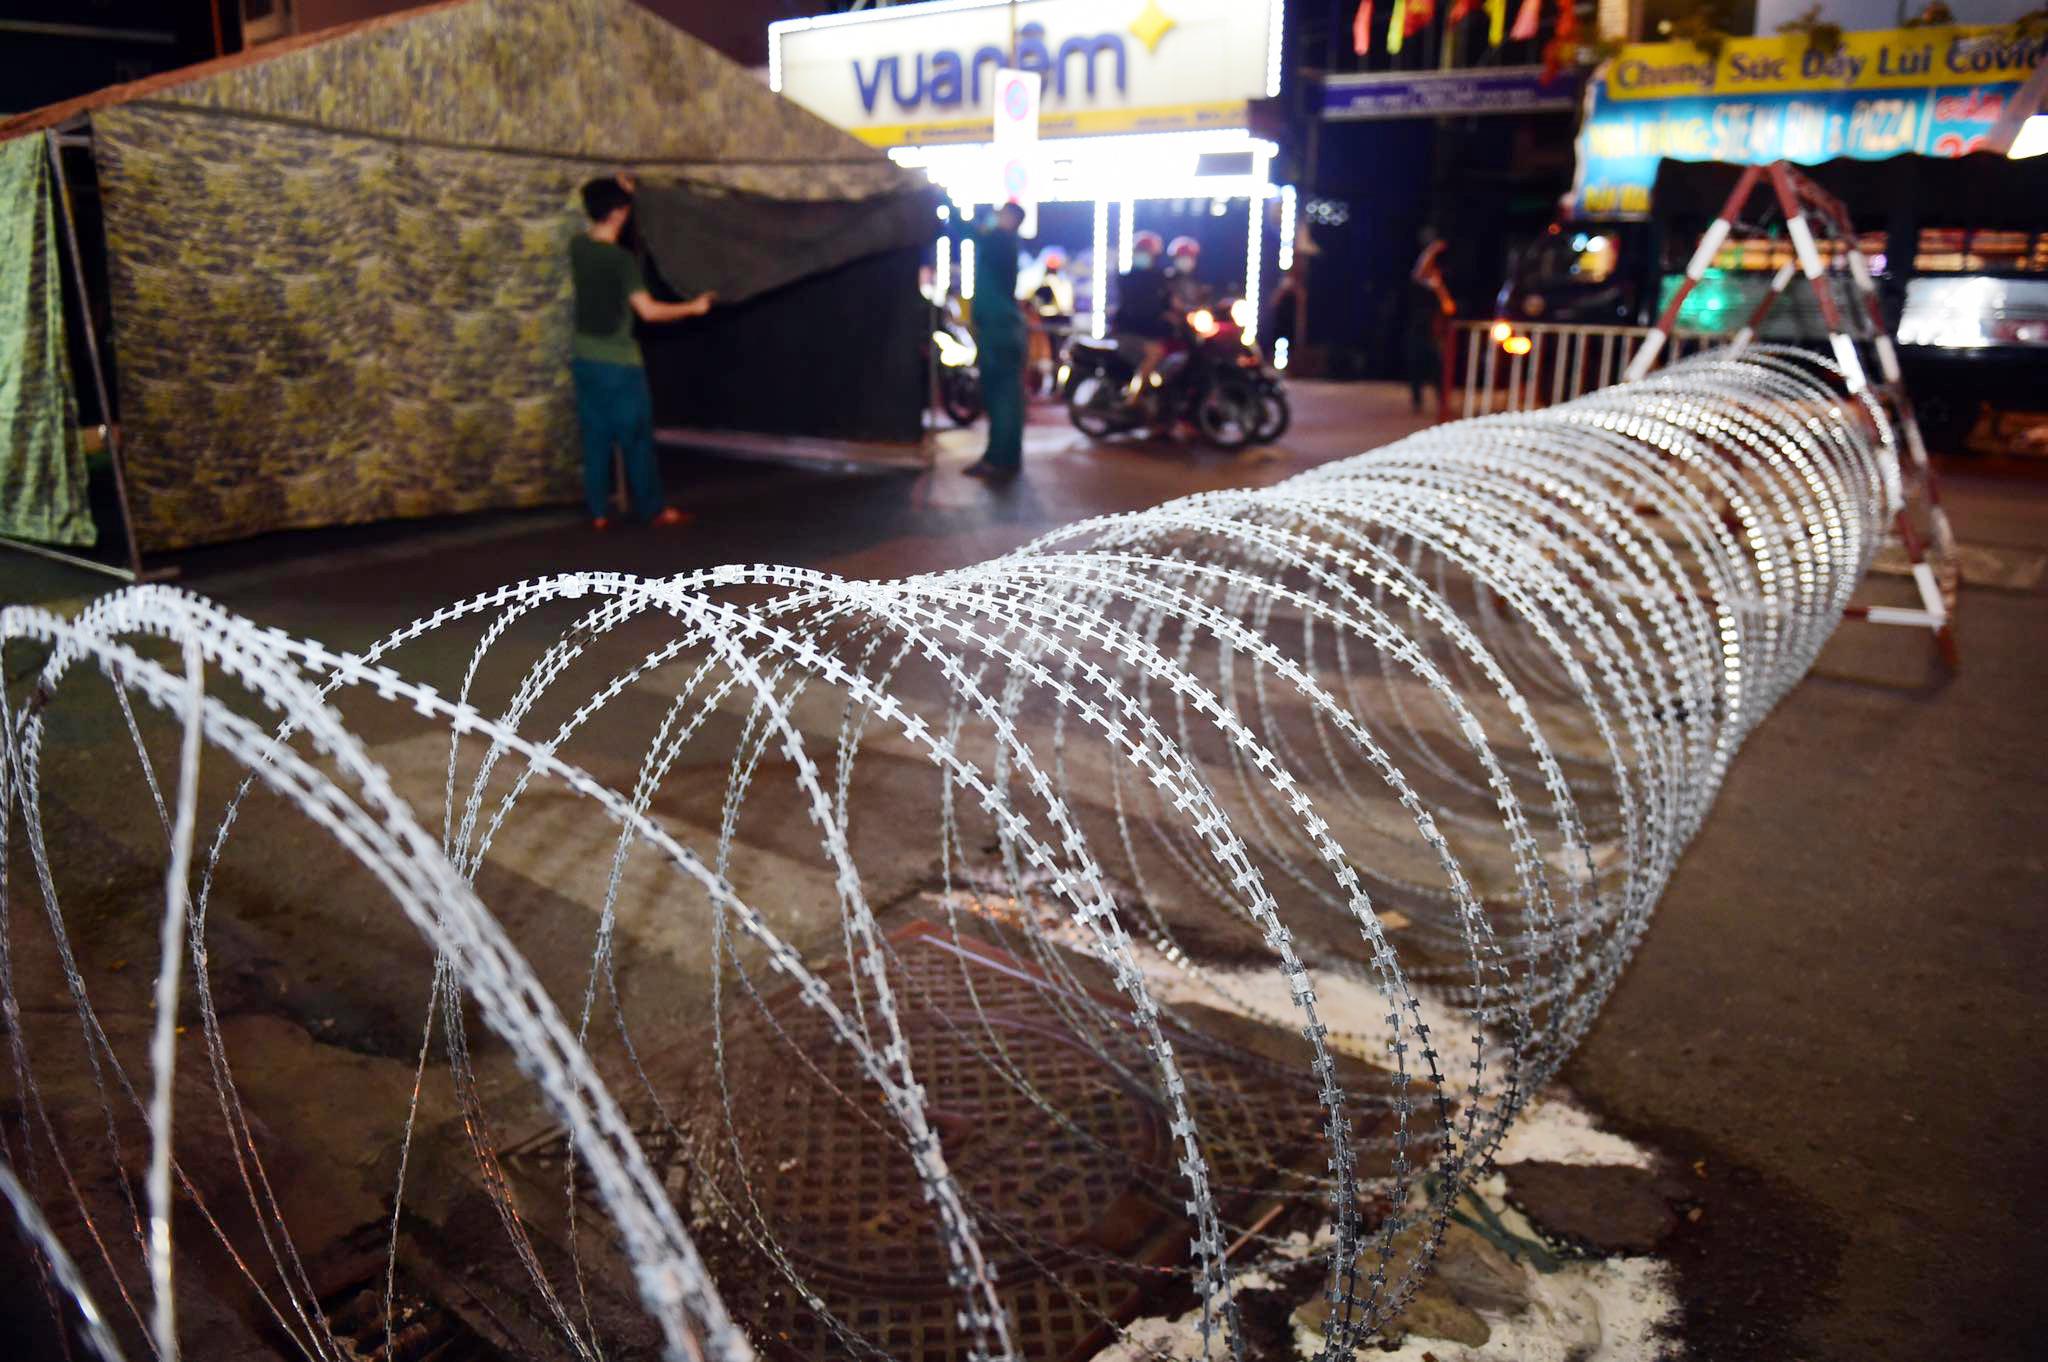 Người dân đi như thế nào sau khi quận Gò Vấp tái lập chốt kiểm soát? - hình ảnh 4